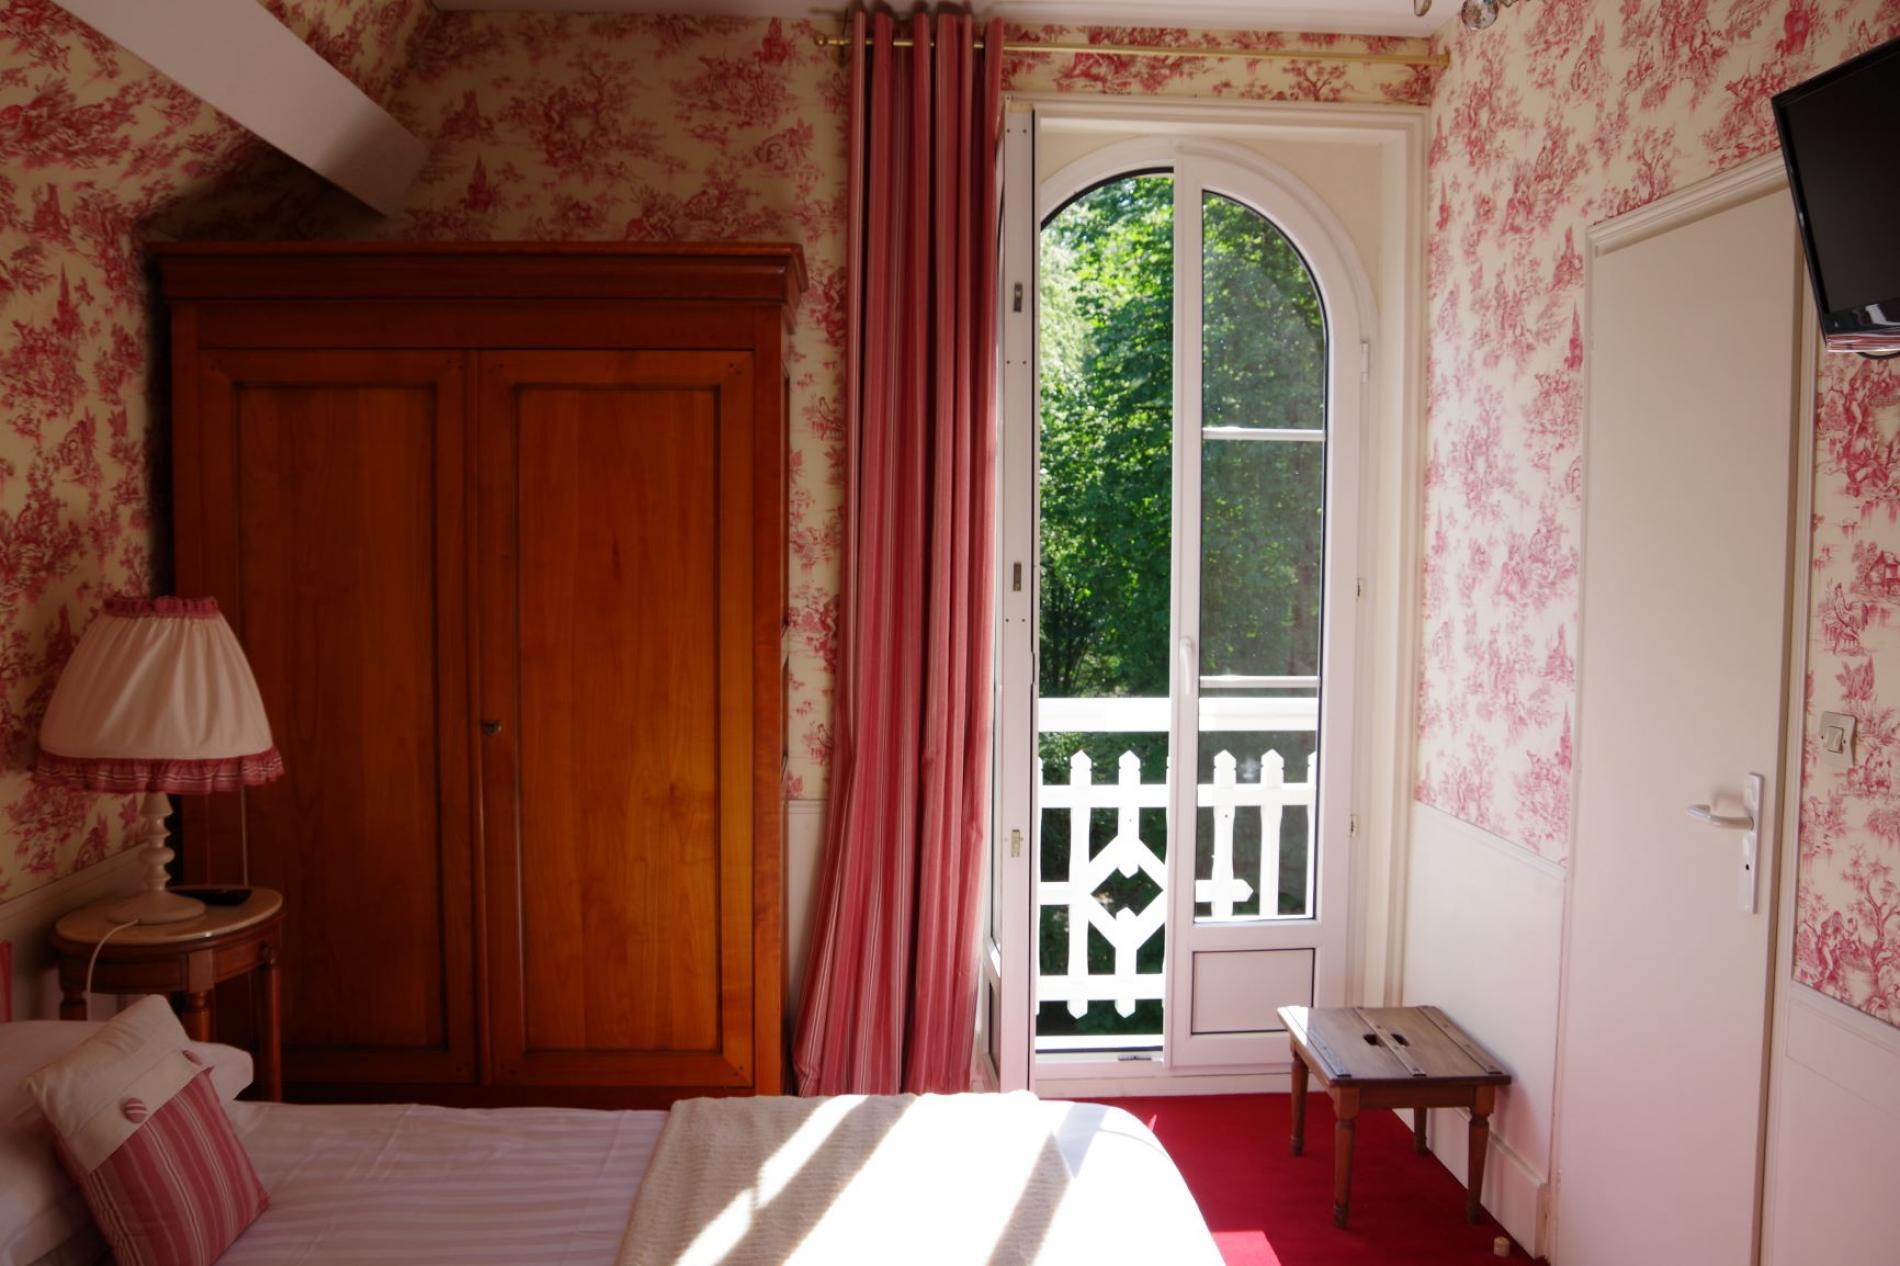 Les Chambres de l'hôtel le Roc au Chien à Bagnoles de l'Orne